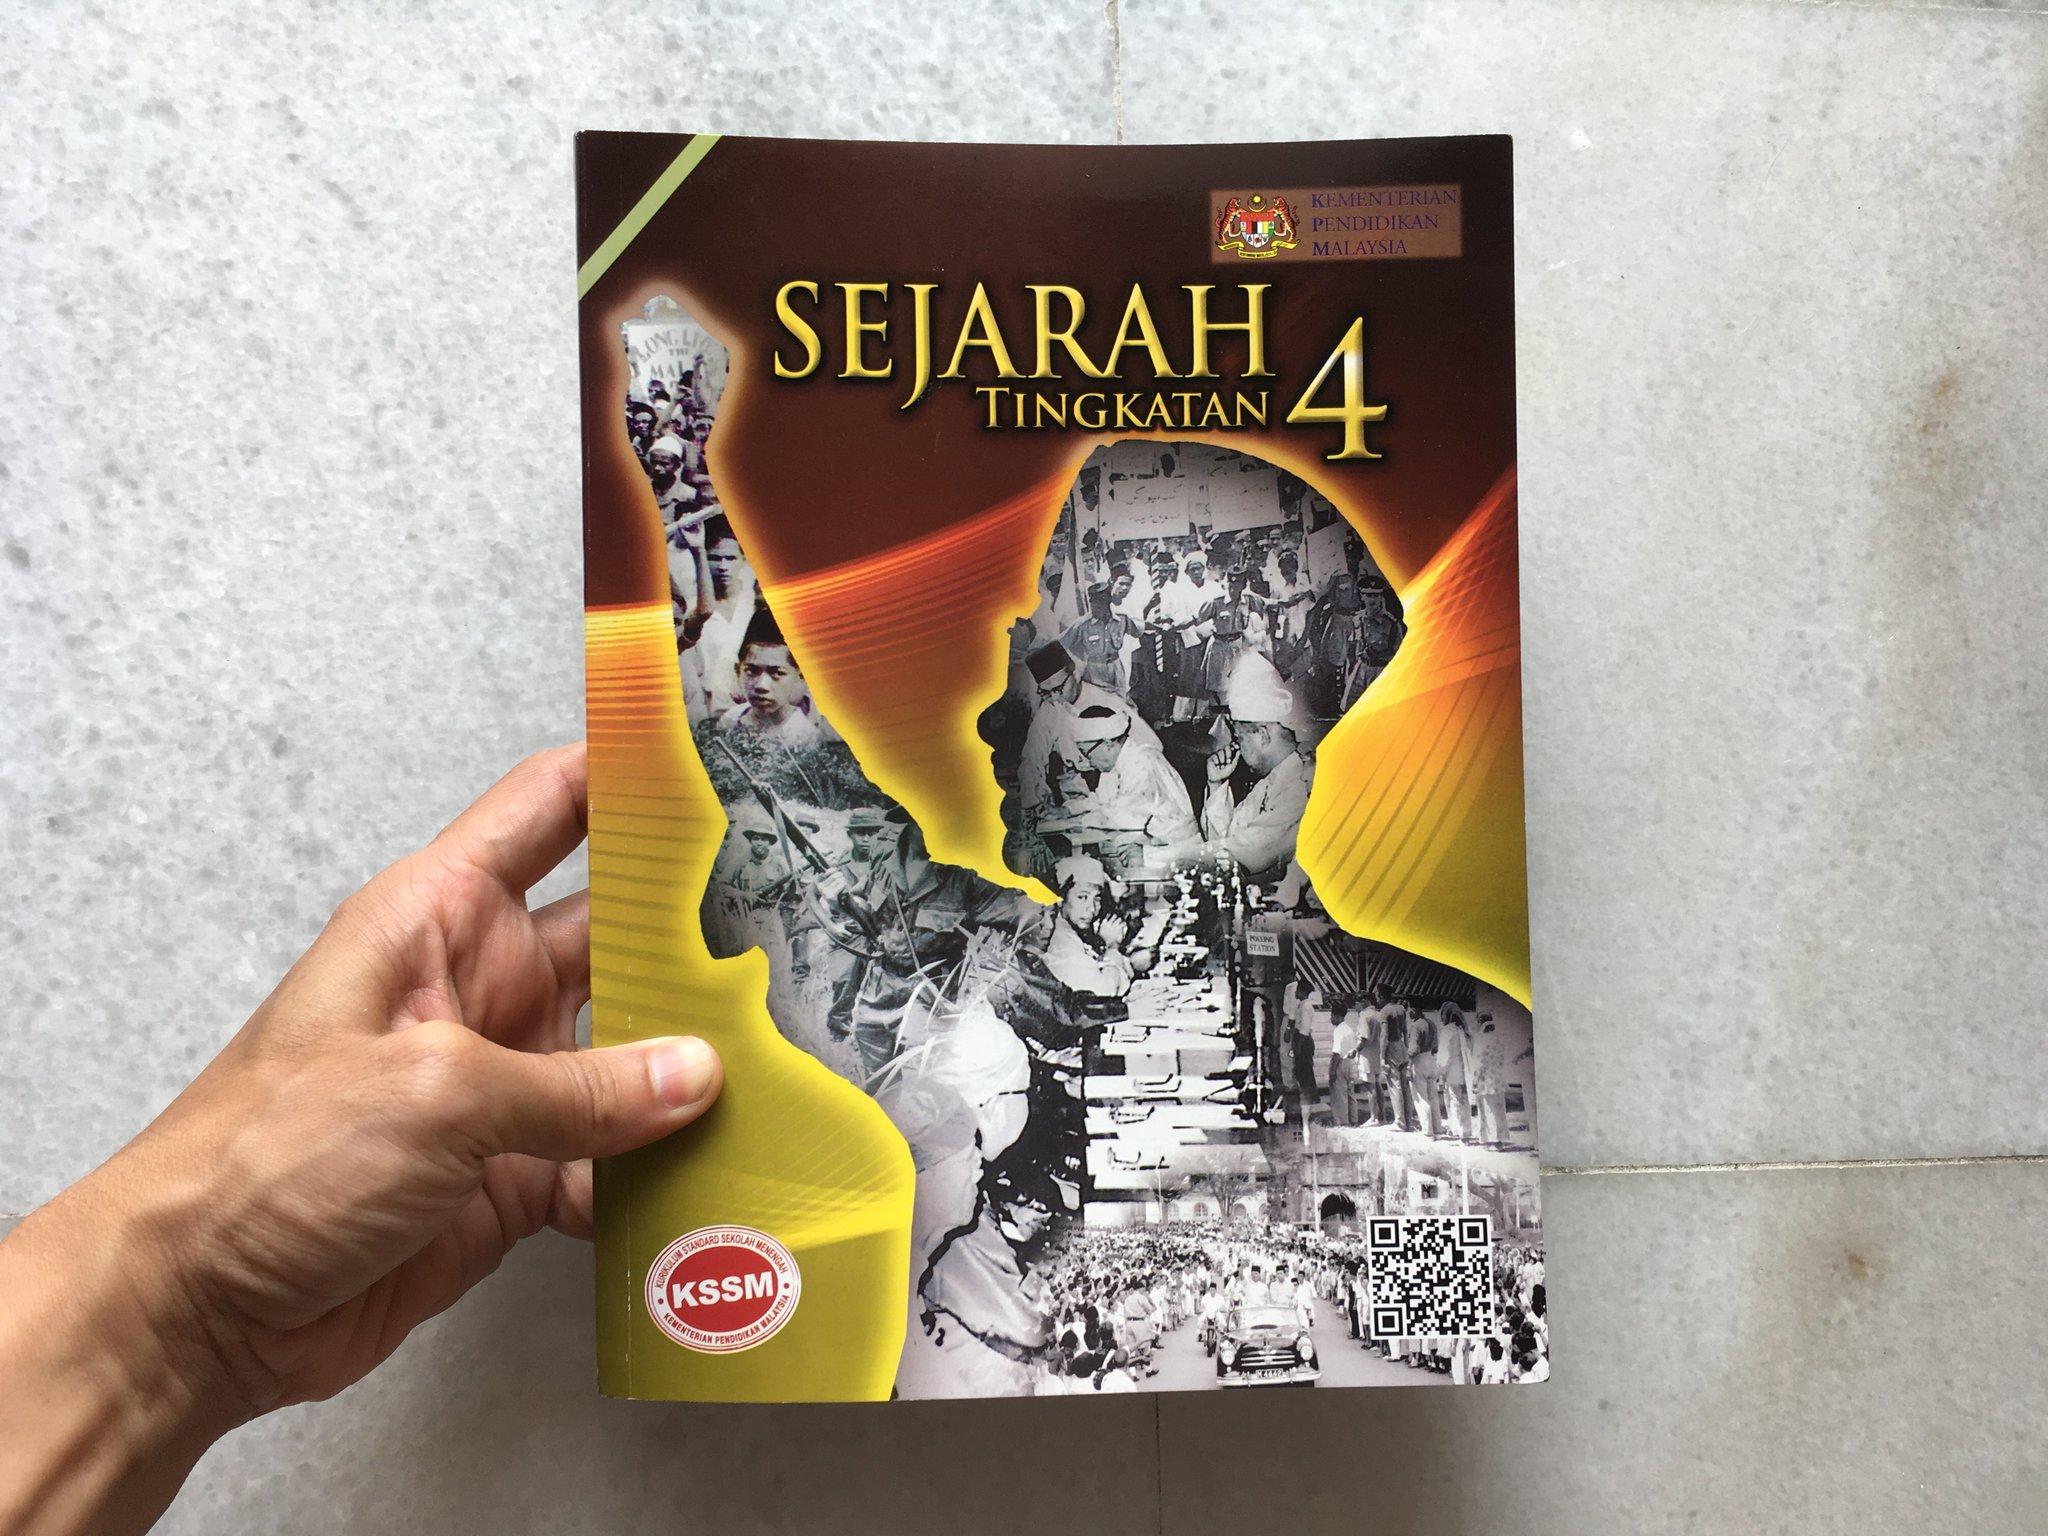 Fahmi Reza On Twitter Berita Gembira Tahun 2020 Buku Teks Sejarah Tingkatan 4 Baharu Dah Keluar Sejarah Mogok Hartal 1947 Dan Perjuangan Kiri Putera Amcja Masuk Semula Dalam Buku Teks Akhirnya Perjuangan Kiri